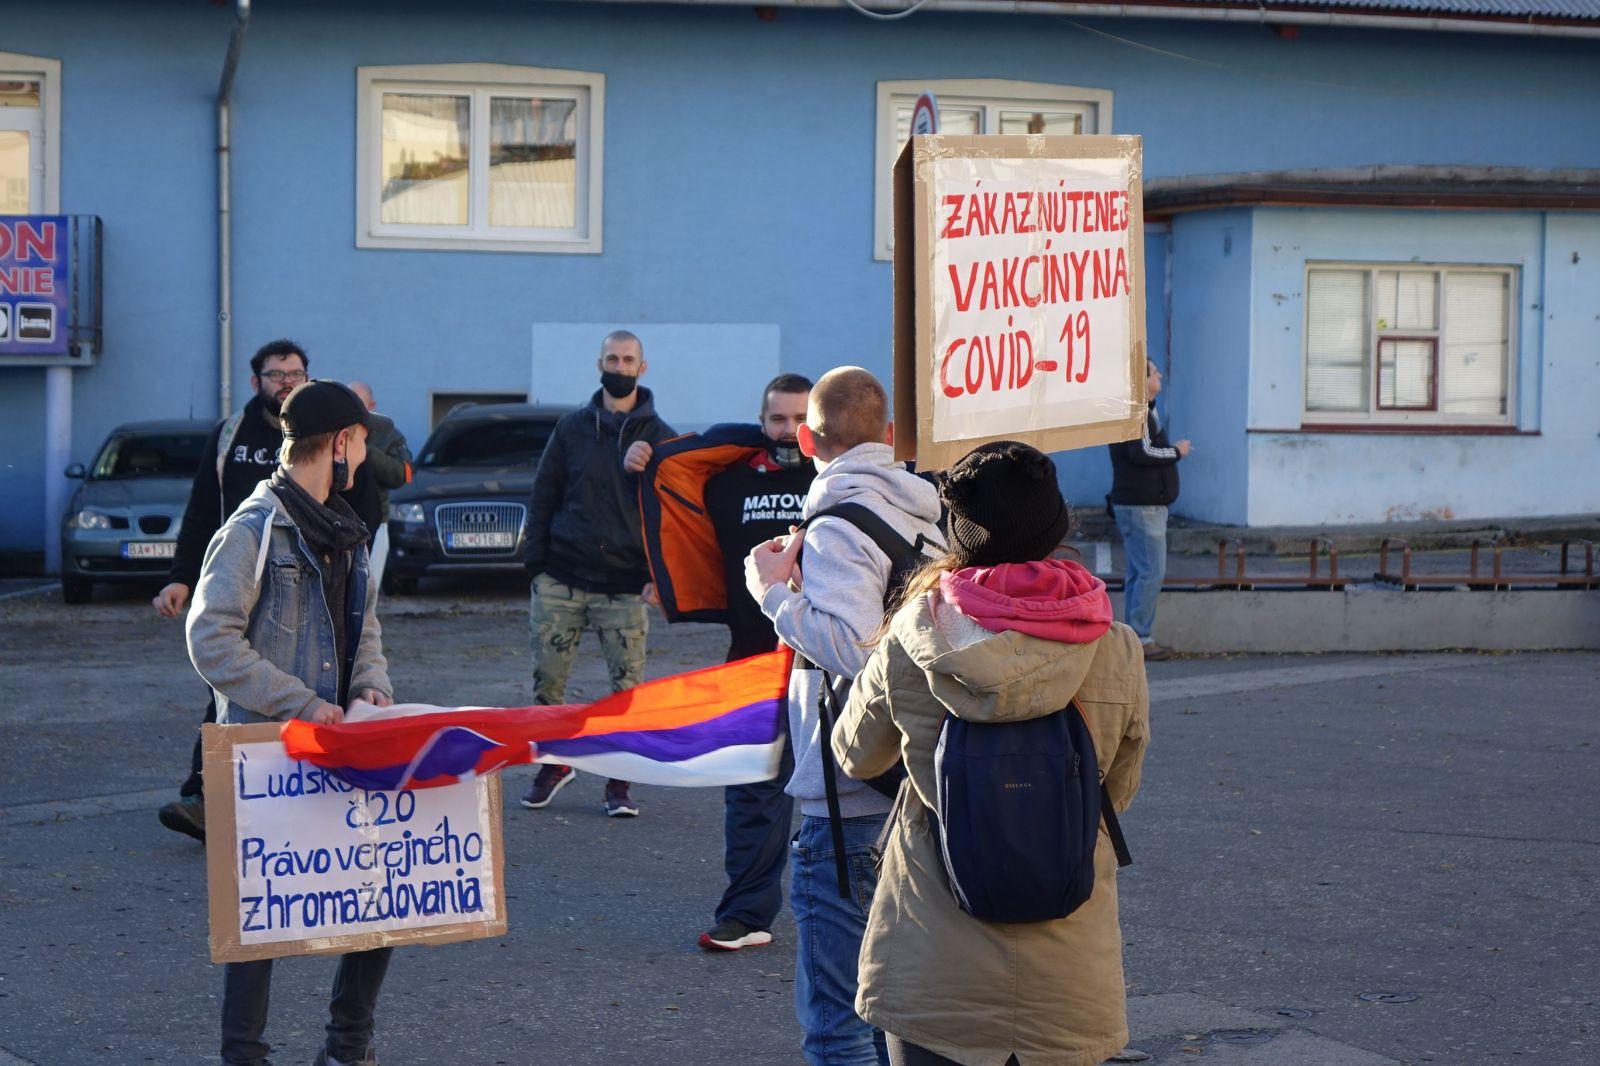 Dnešného štrajku sme sa zúčastnili aj my: Blízko nás hodili delobuch, skoro sme ohluchli